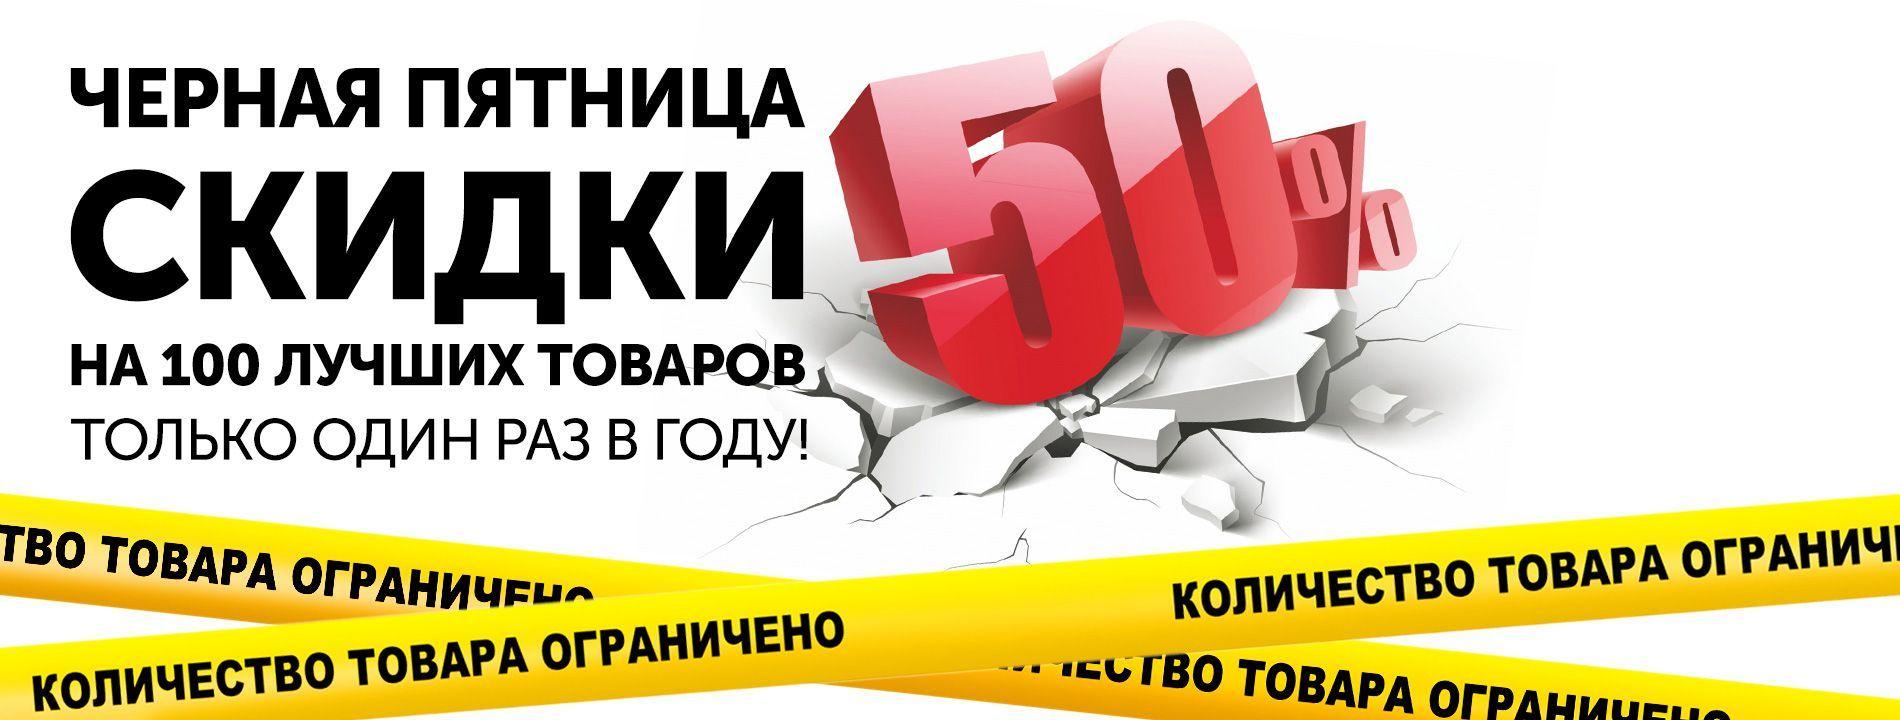 ЧЁРНАЯ ПЯТНИЦА СКИДКИ до 50%